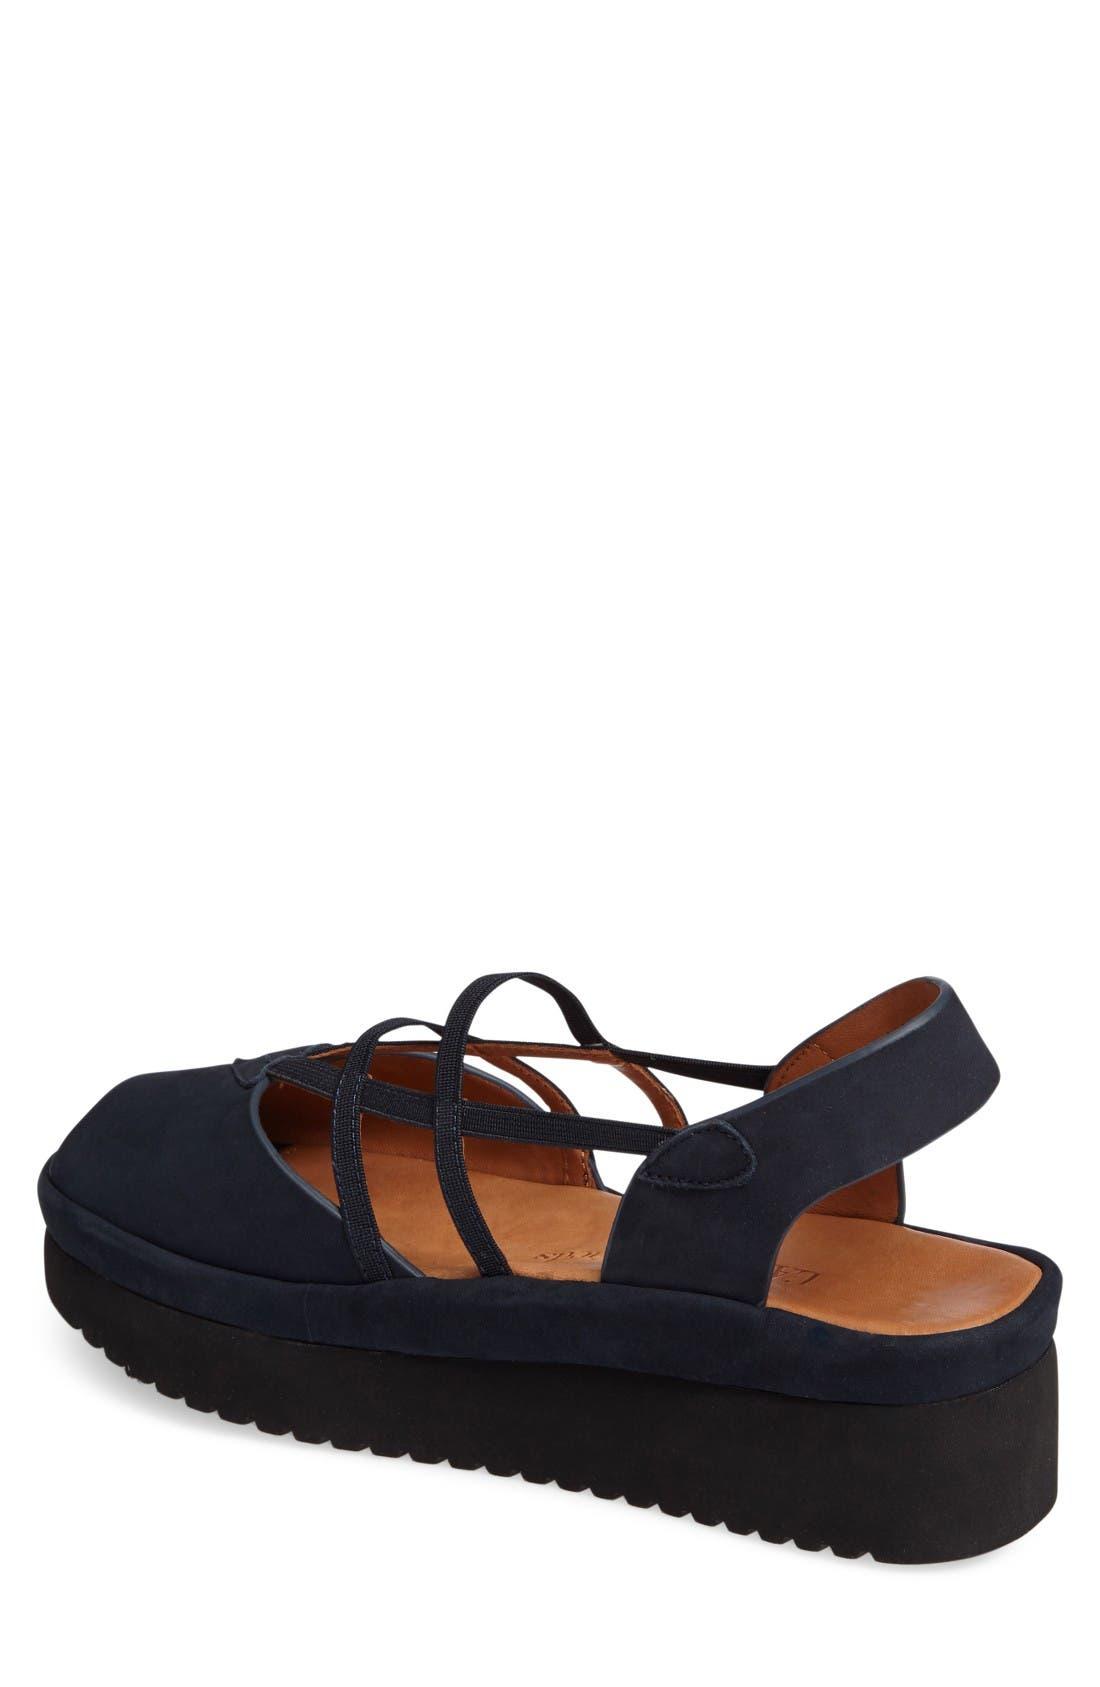 Alternate Image 2  - L'Amour des Pieds Adelais Platform Wedge Sandal (Women)